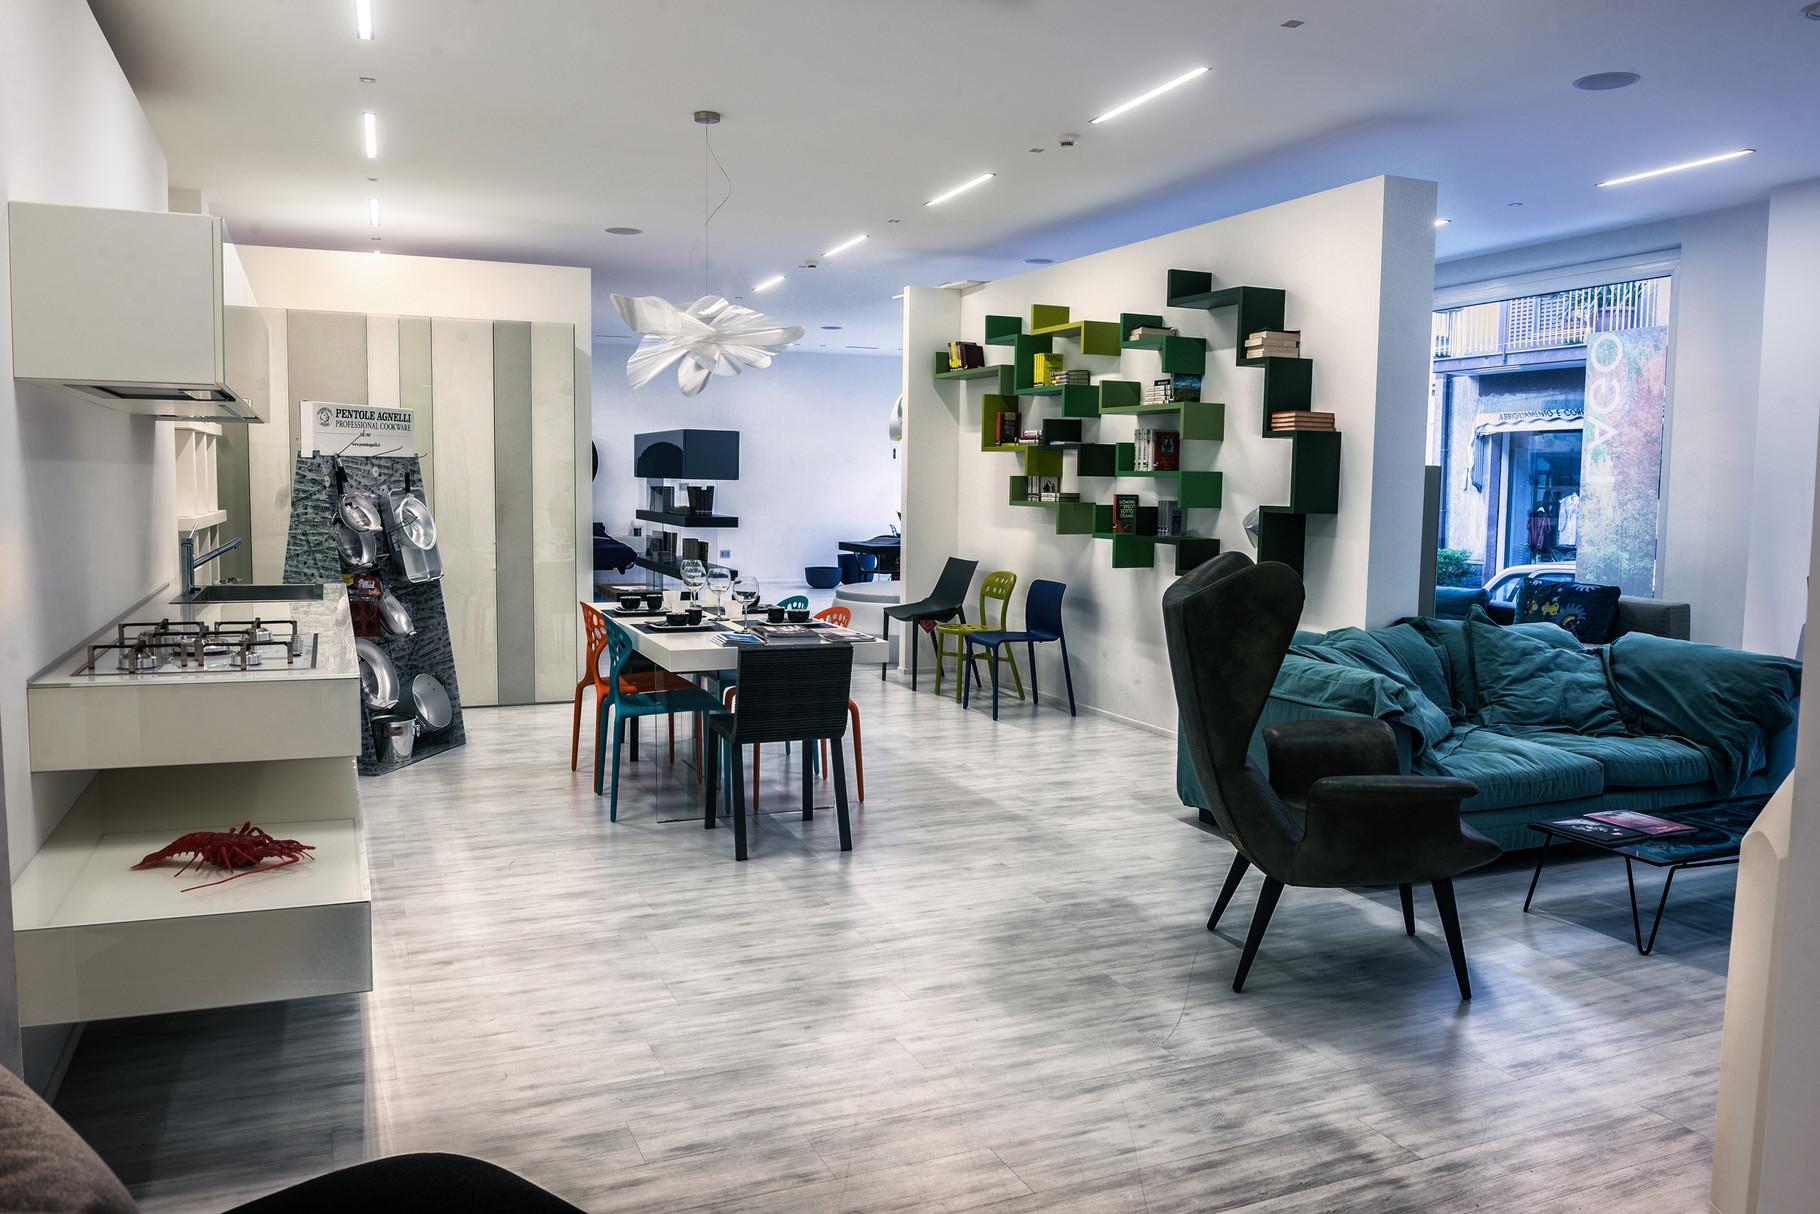 Arredamenti e mobili di design da interni s a s for Arredamenti interni da sogno